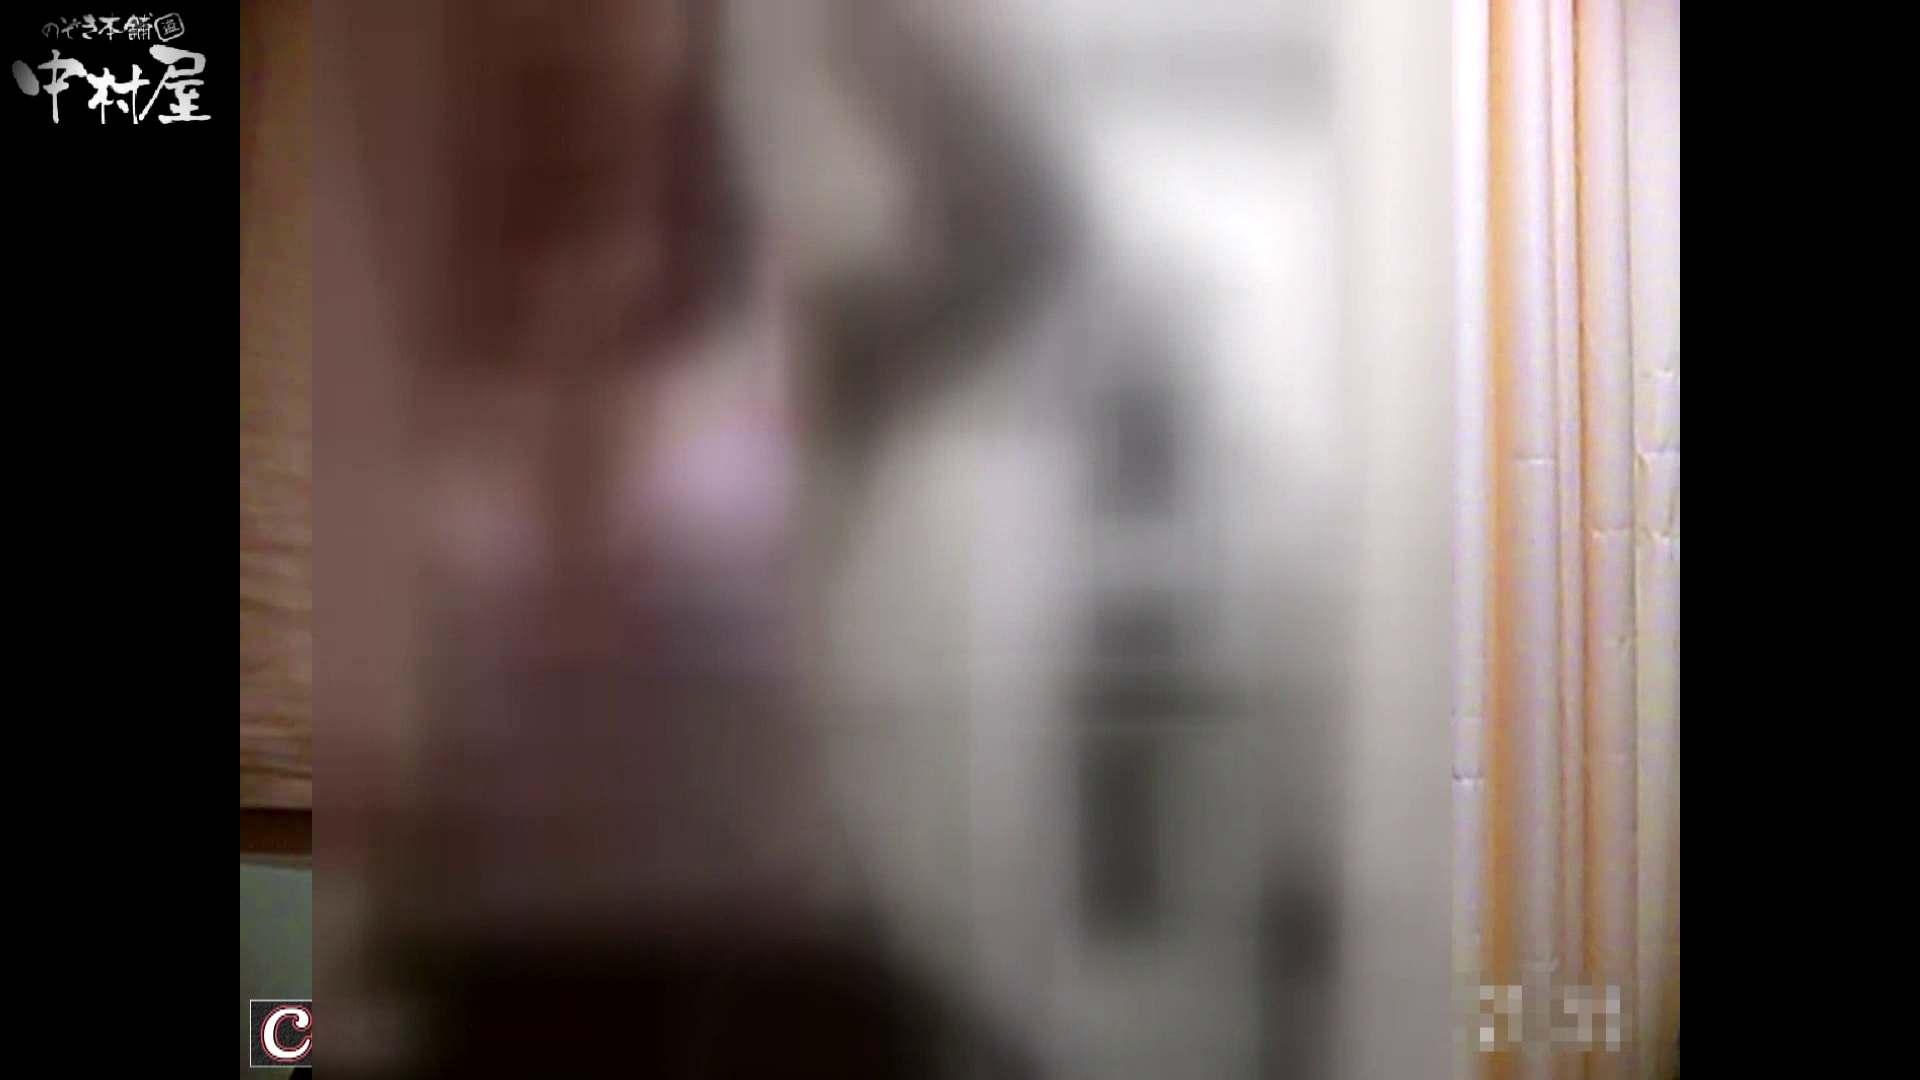 激ヤバ健康診断!着替えの一部始終.vol.60※本編ボカシ・目線無し ナース丸裸 すけべAV動画紹介 82pic 5